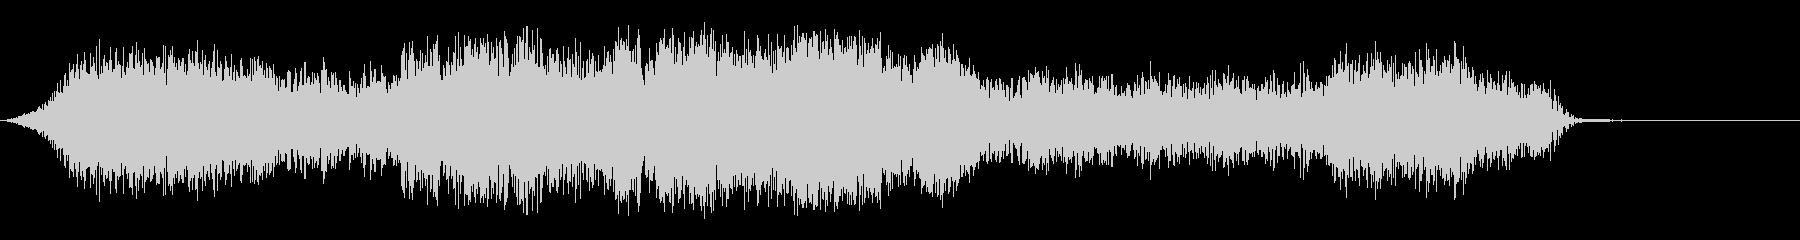 ミステリーホローの未再生の波形